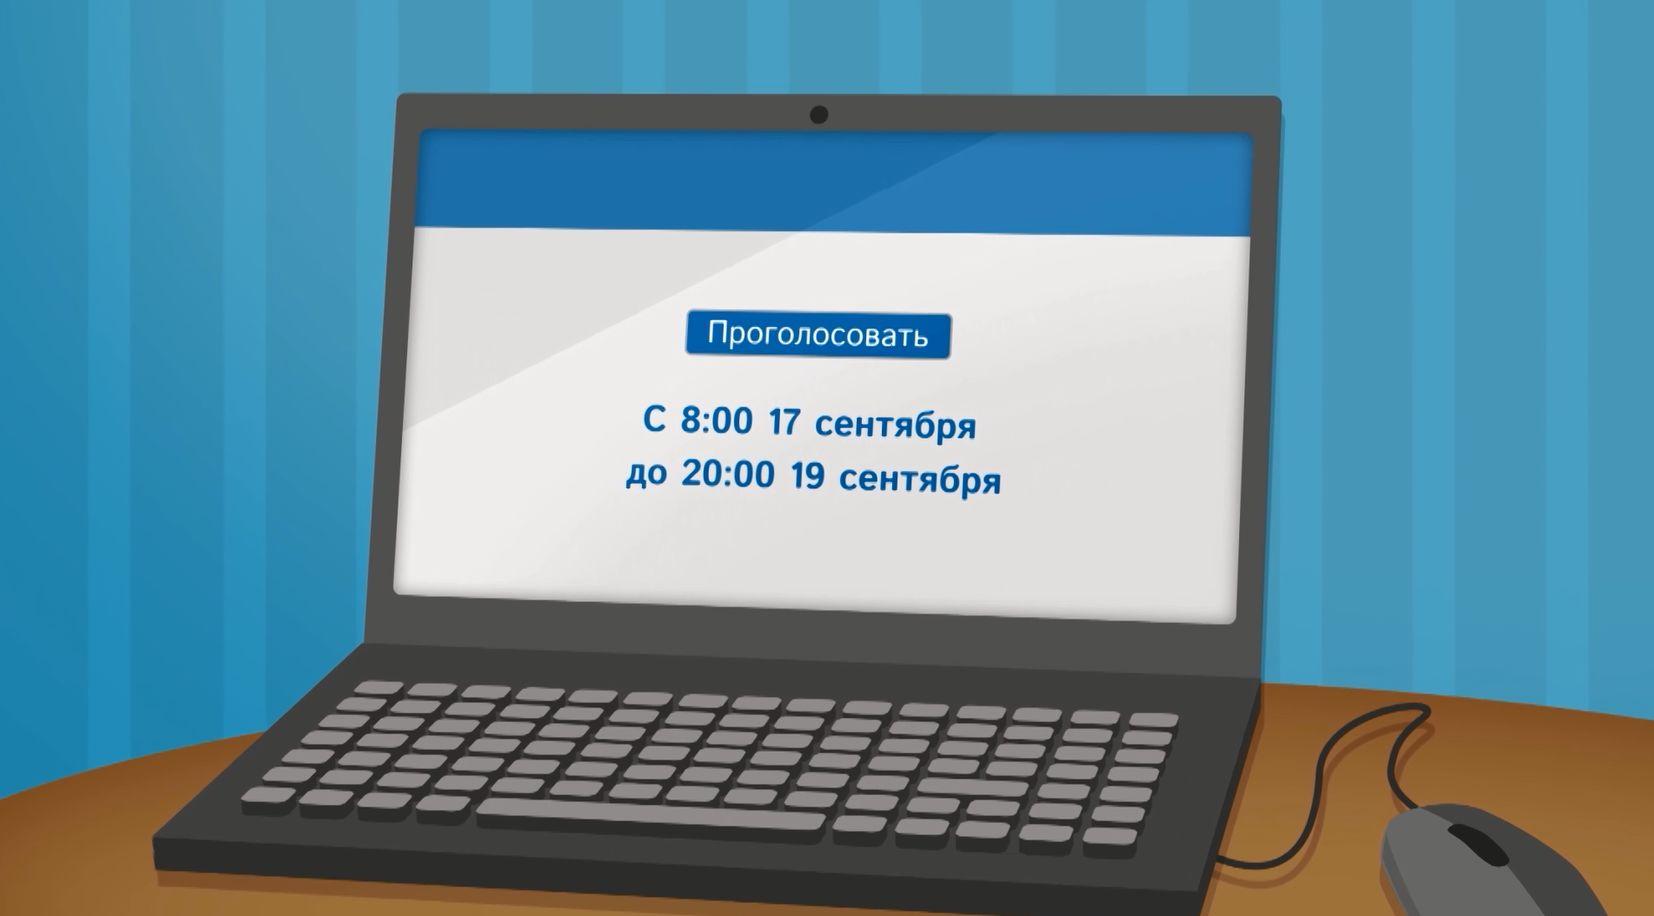 75% избирателей В Ярославской области приняли участие в дистанционном голосовании